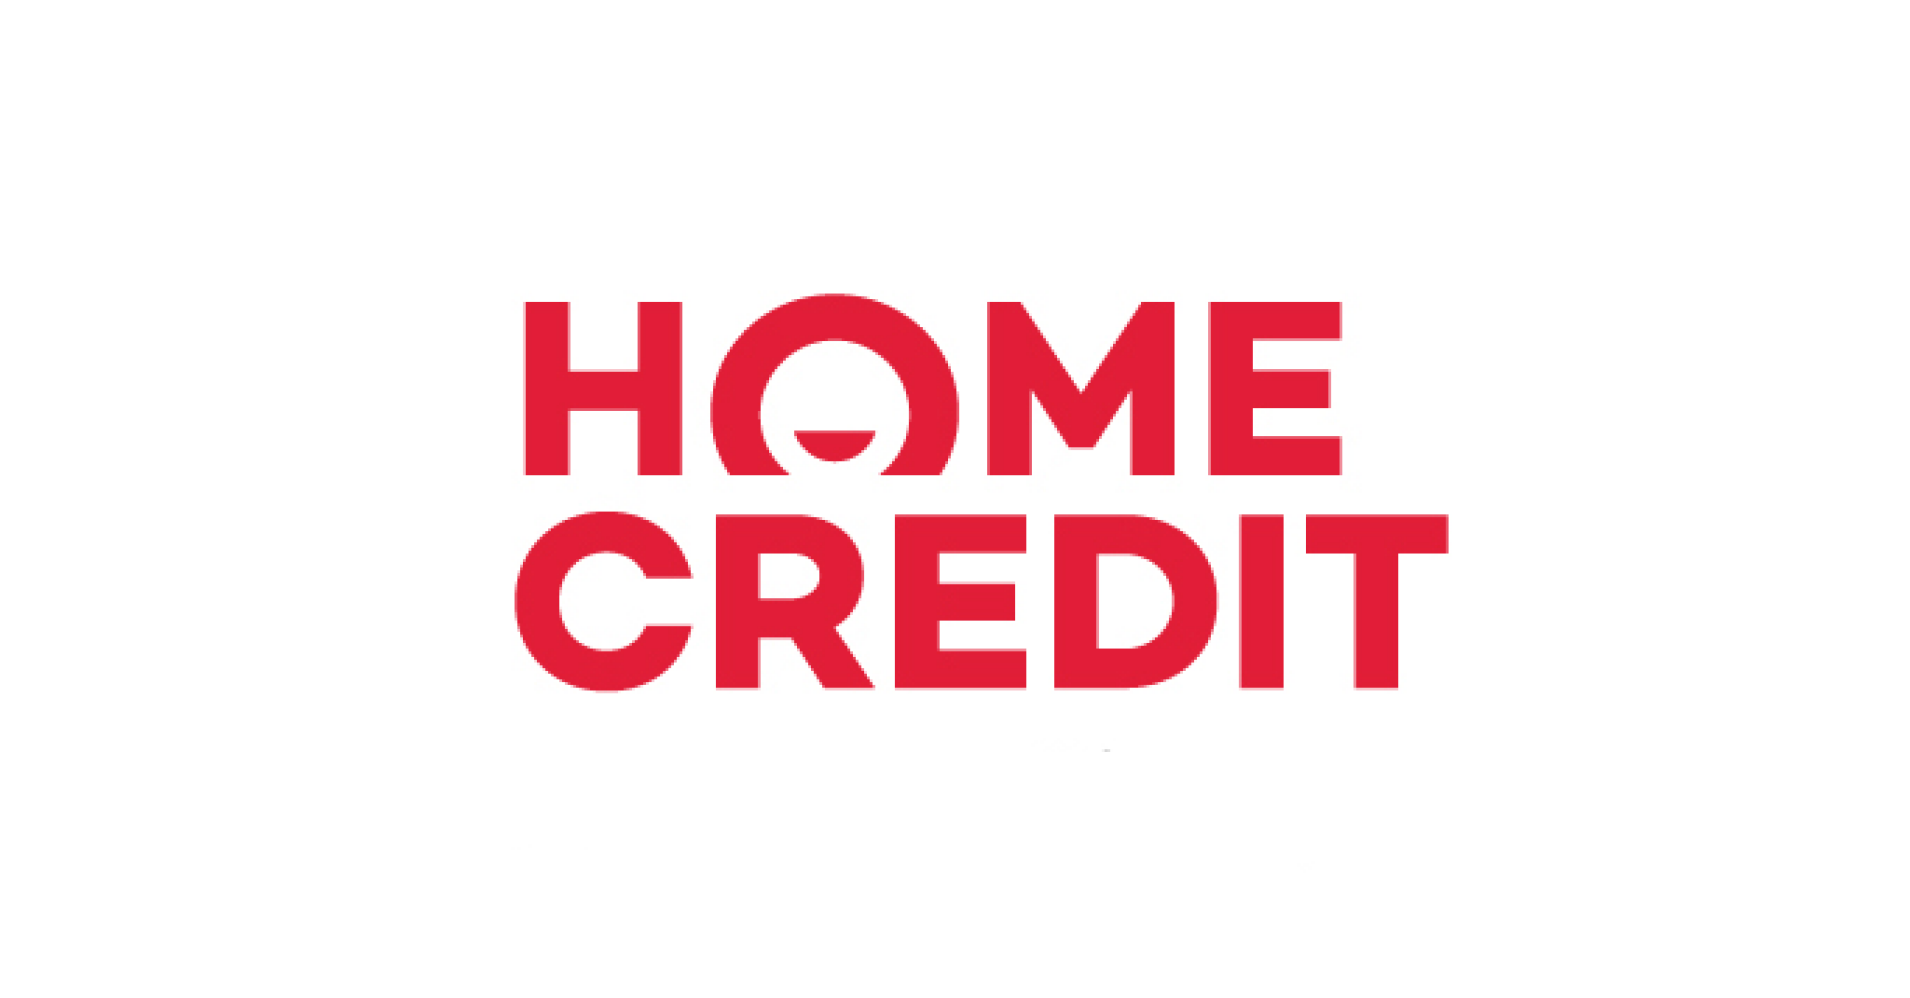 Logo společnosti Home Credit, která poskytuje nebankovní půjčky. Roční úroková sazba začíná na 9,88 %.